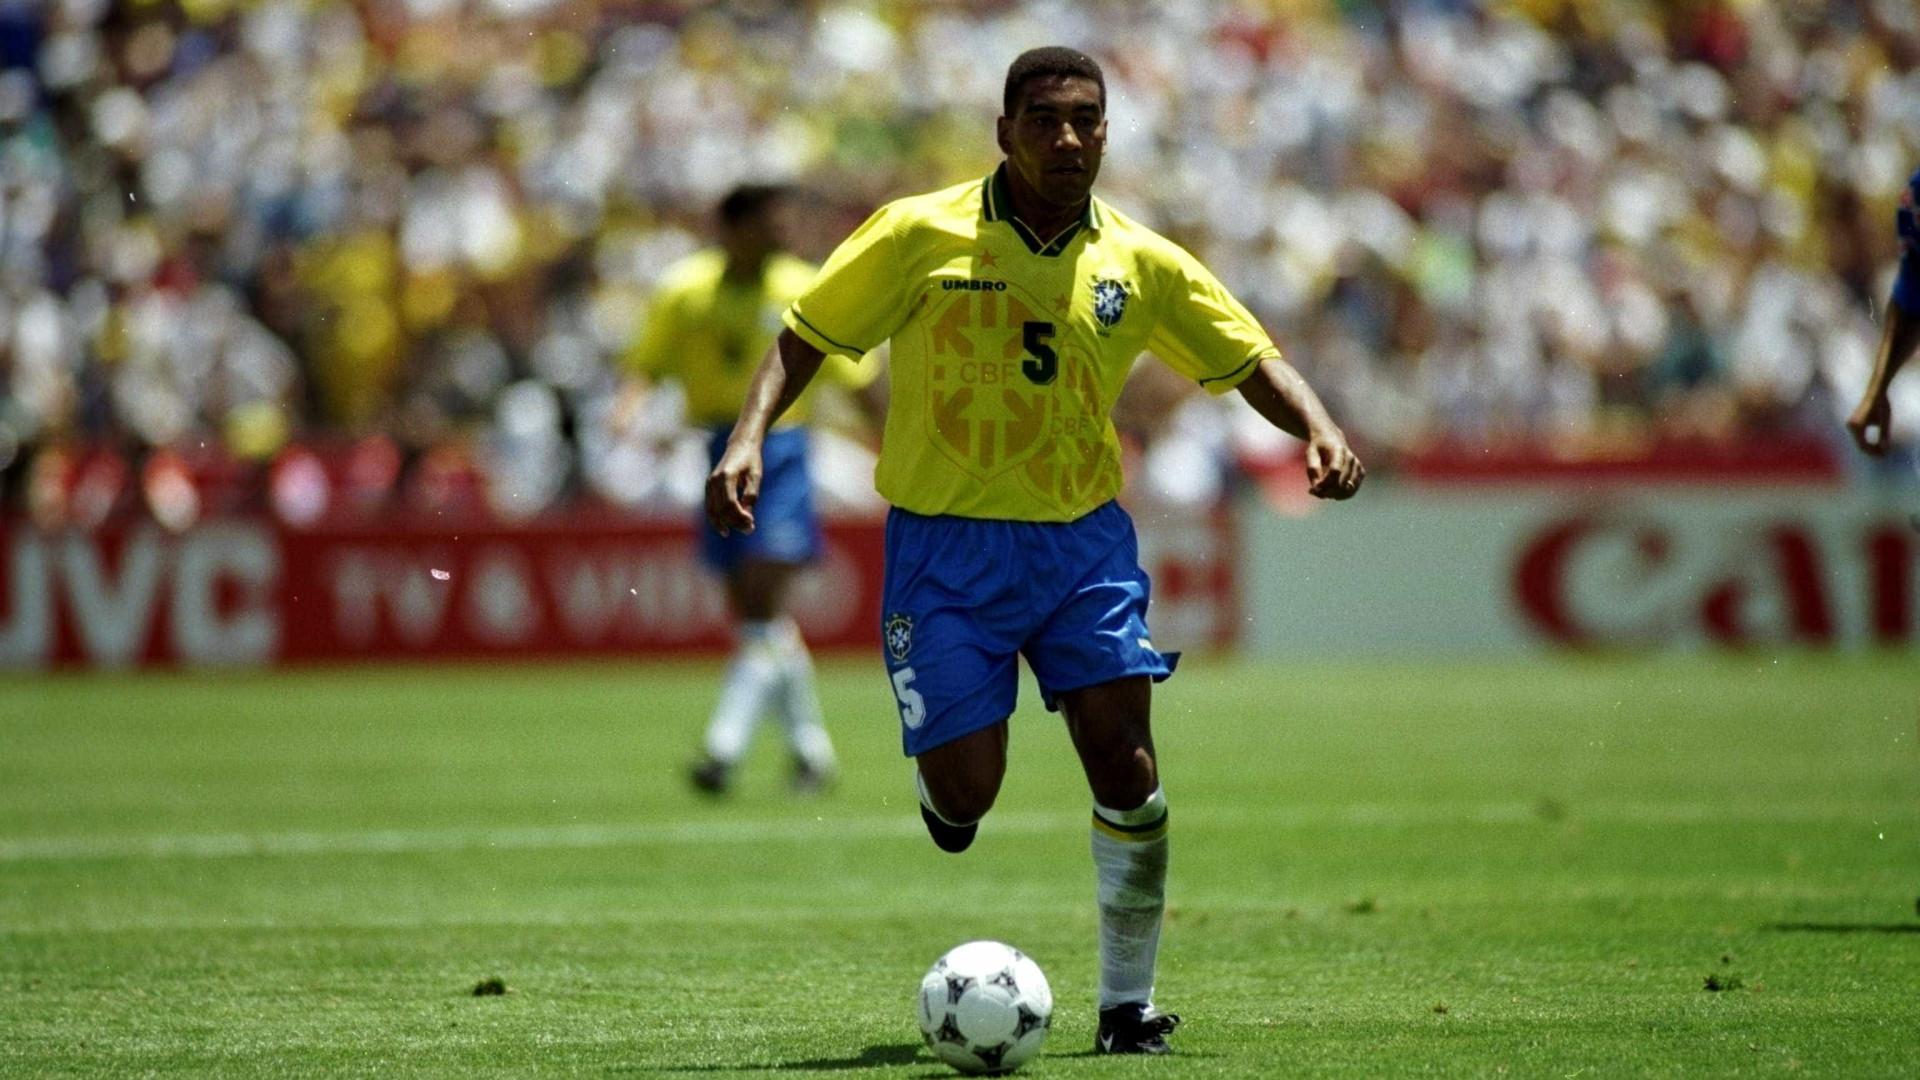 Campeão do mundo em 1994 elogia Casemiro: 'O melhor da posição'